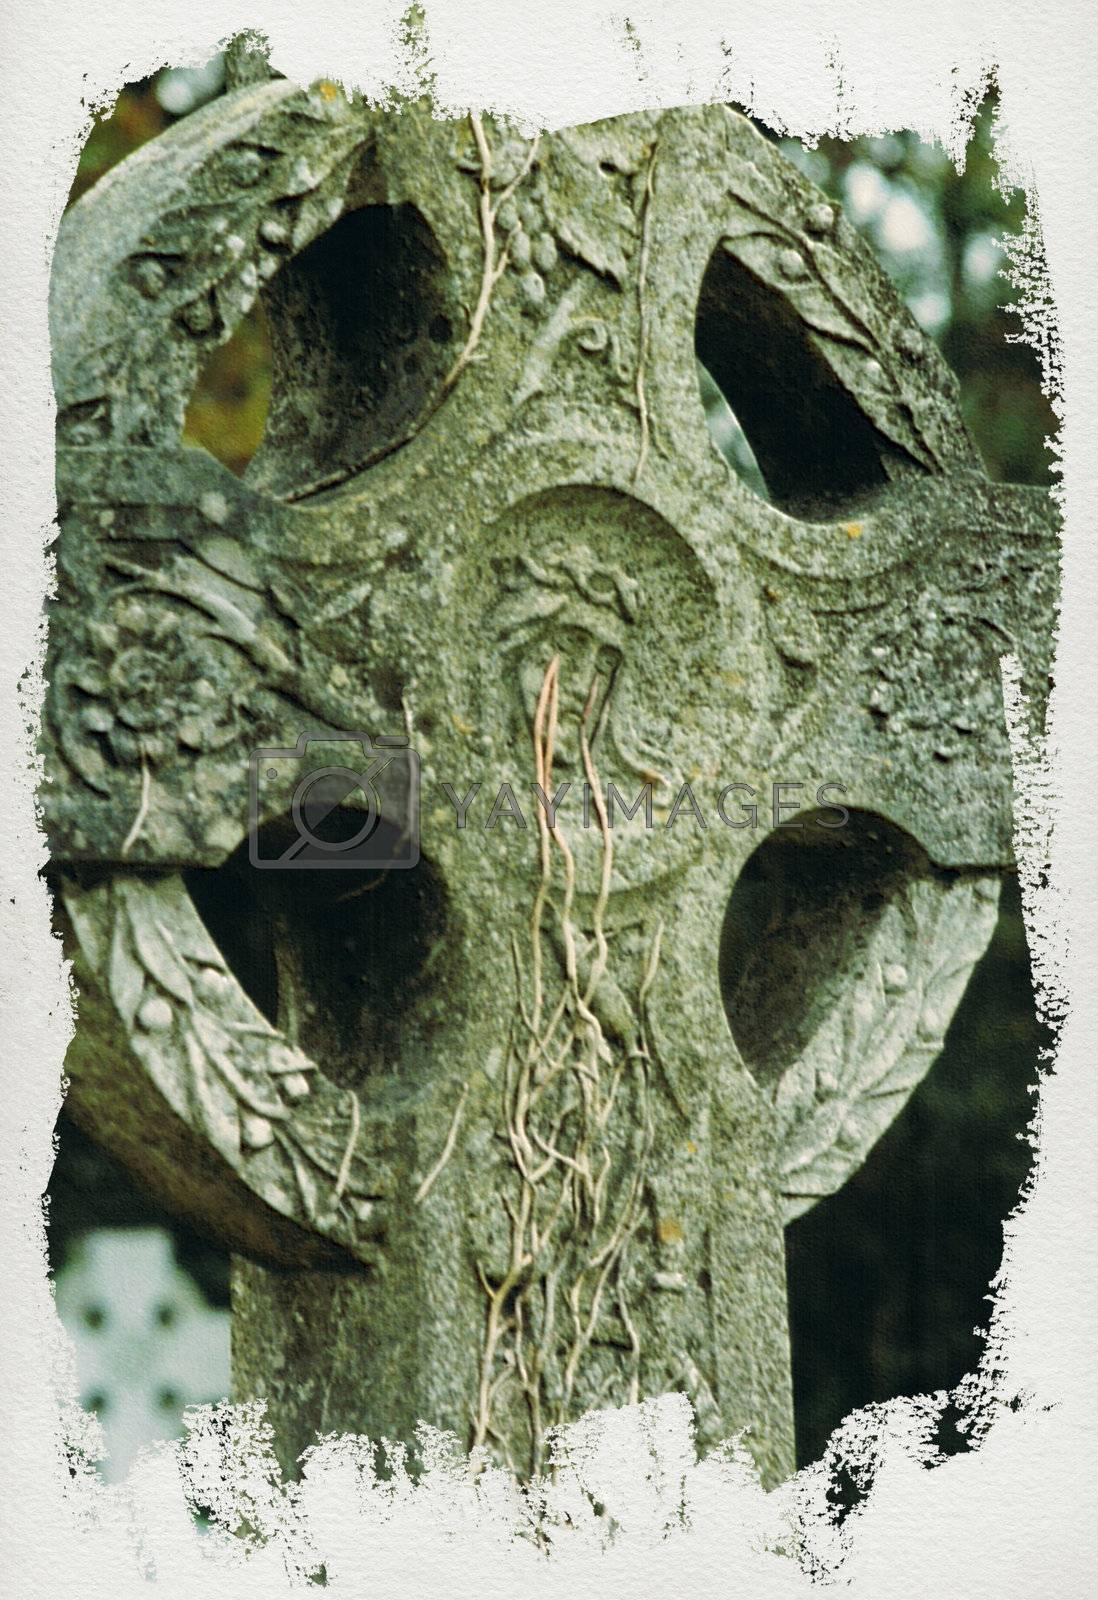 celtic cross ii by morrbyte